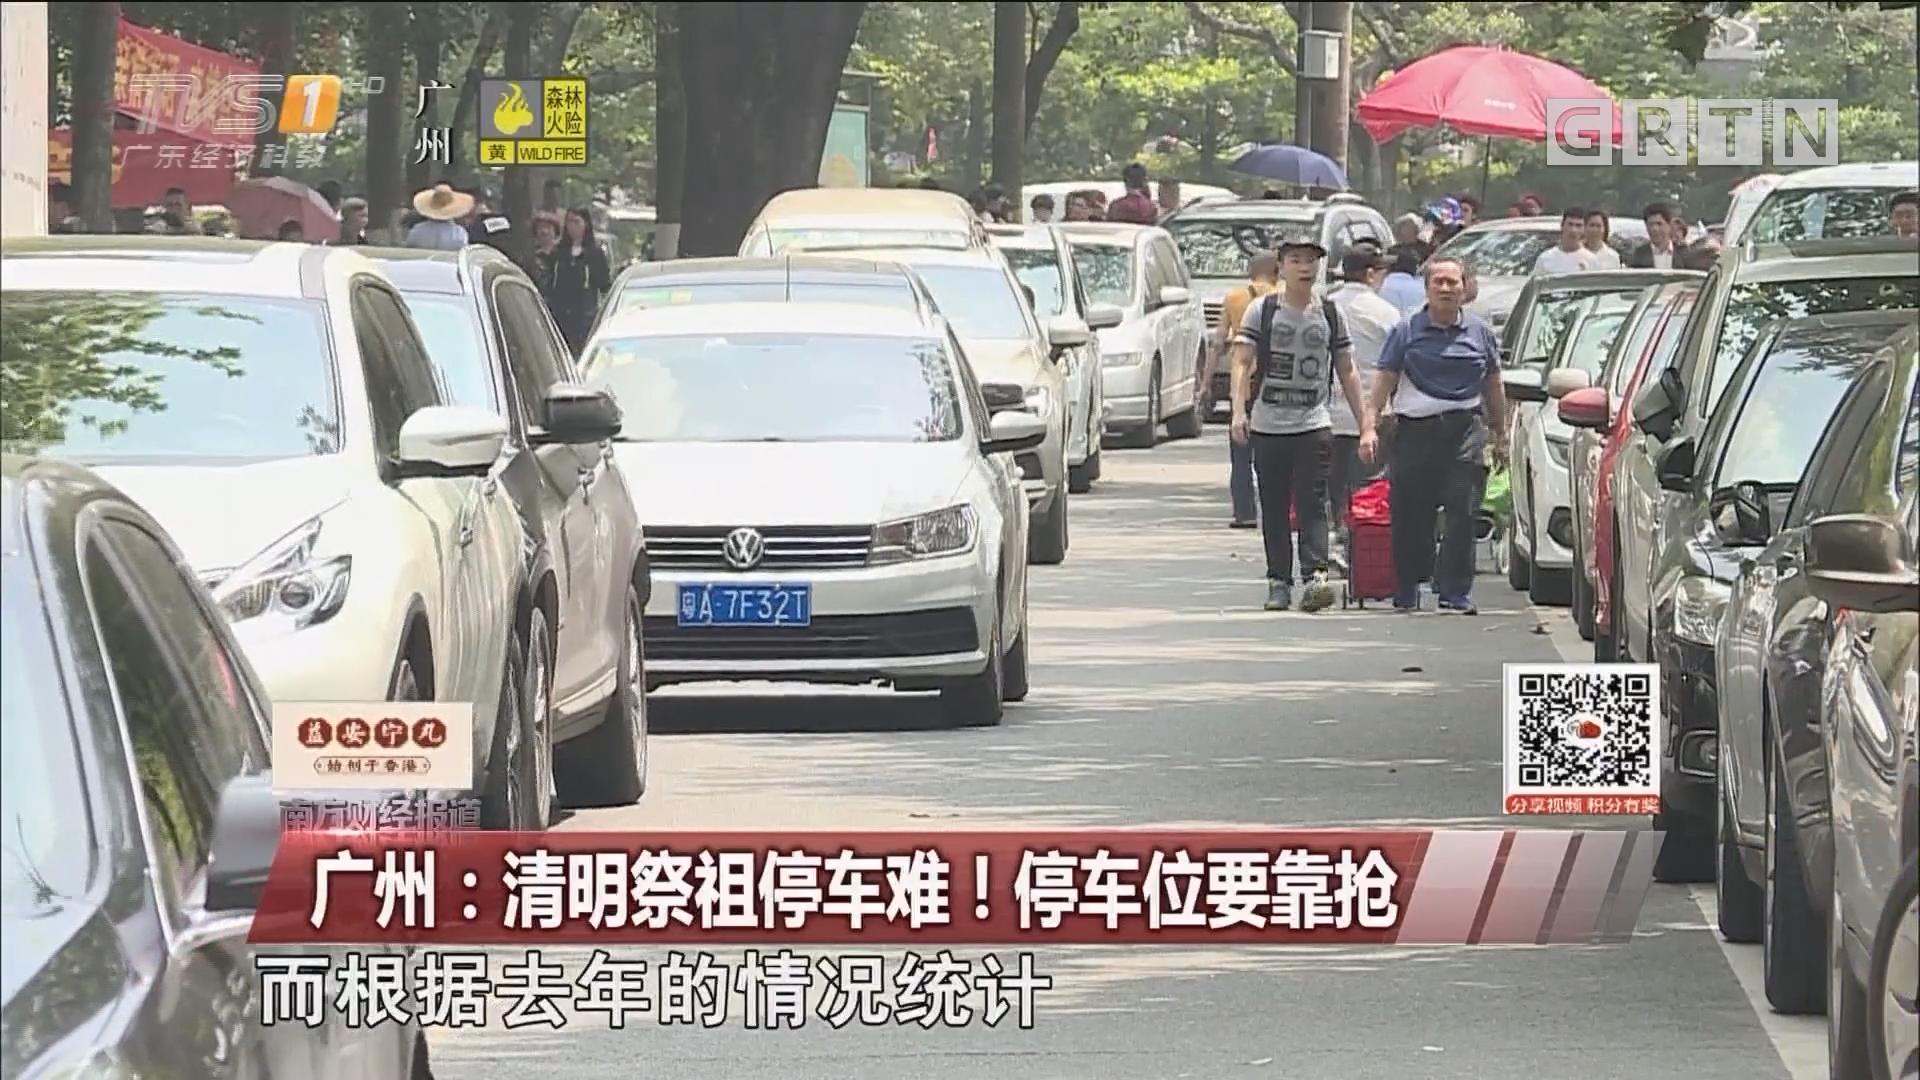 广州:清明祭祖停车难!停车位要靠抢